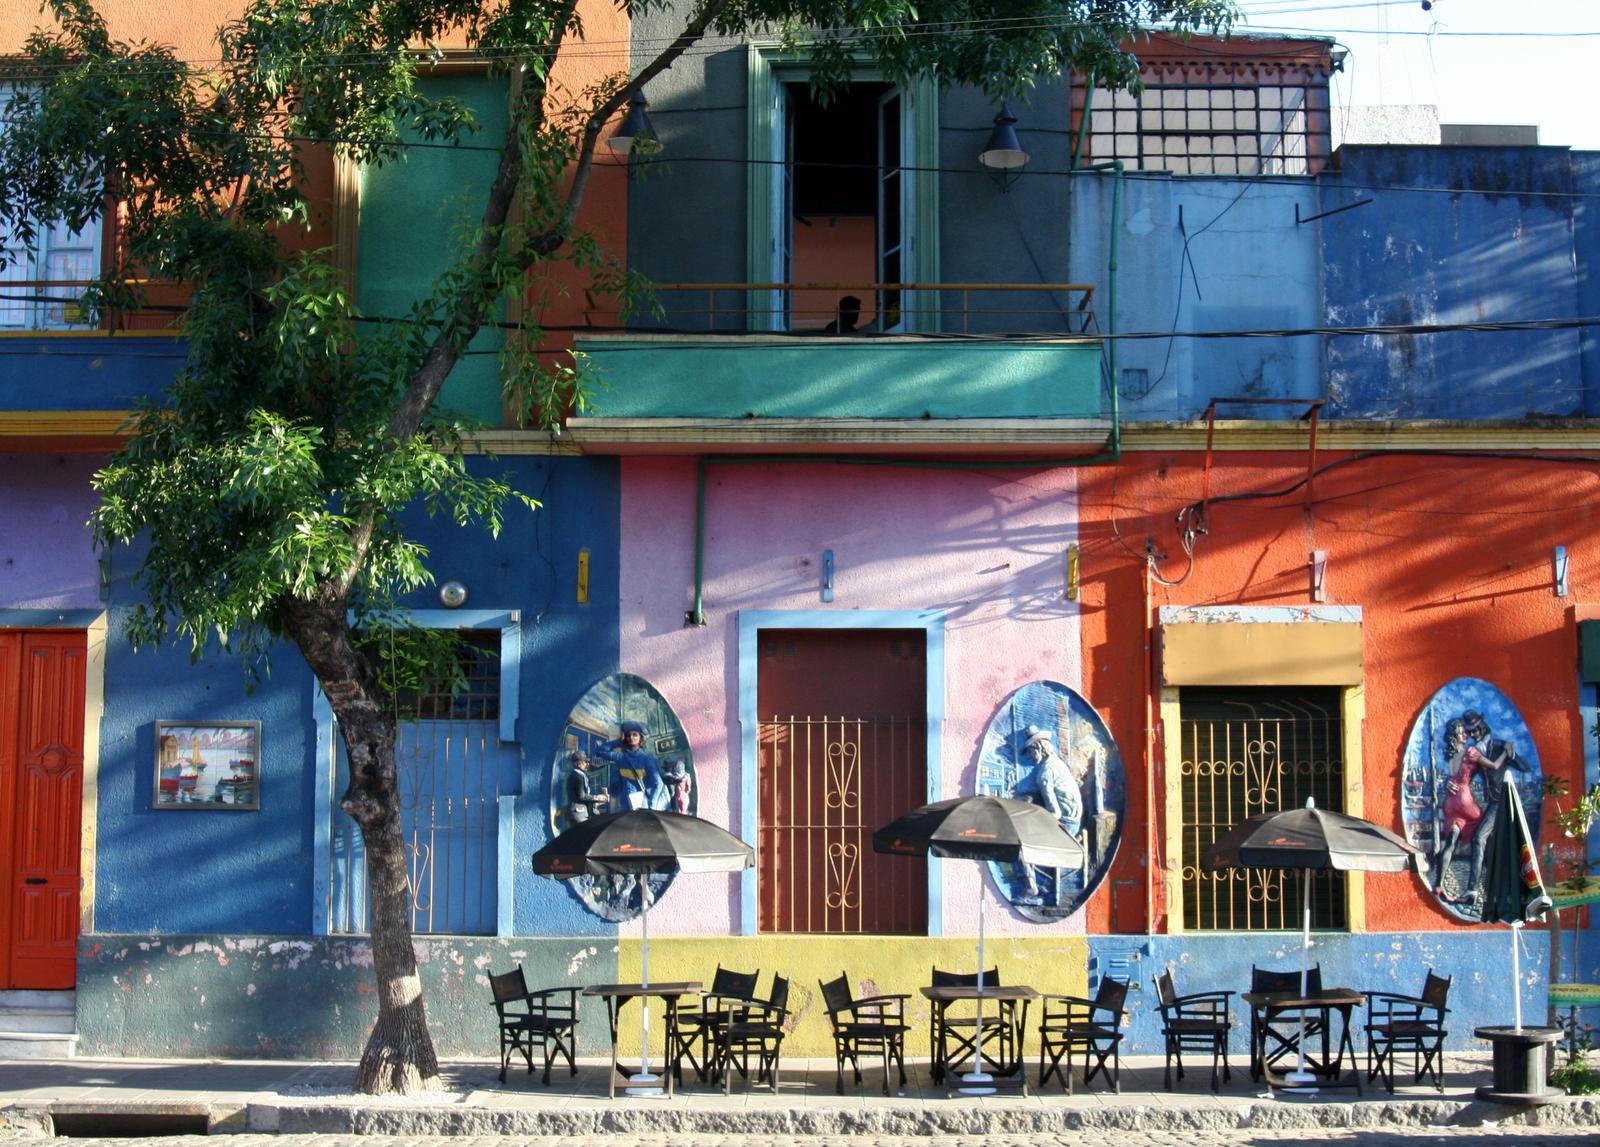 O bairro de La Boca, perto da Bombonera: casinhas coloridas e uma devoção ao Boca Juniors em cada esquina